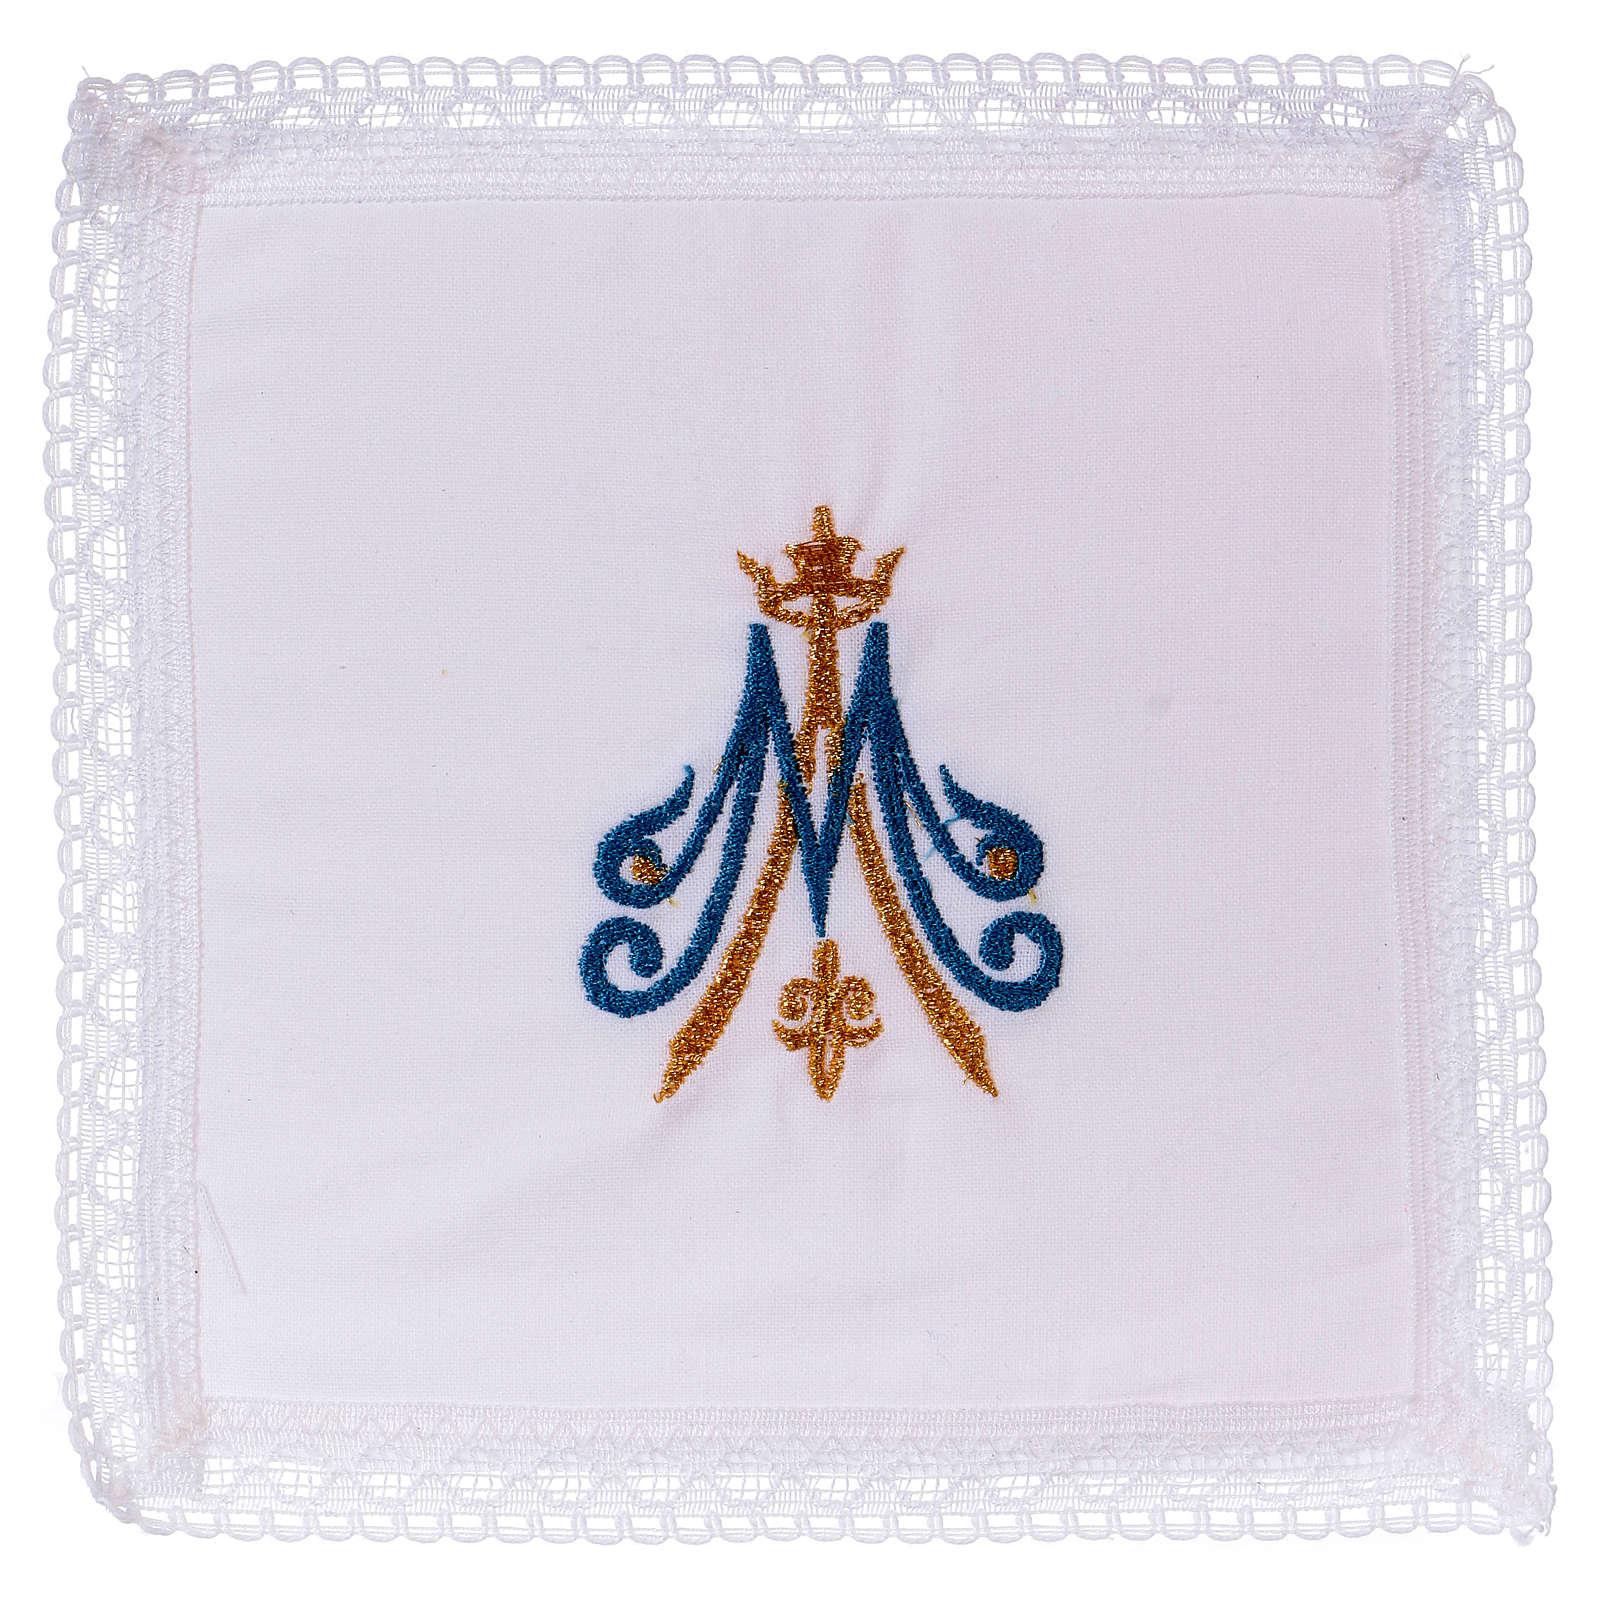 Cubre cáliz bordado mariano azul y dorado 100% algodón  4